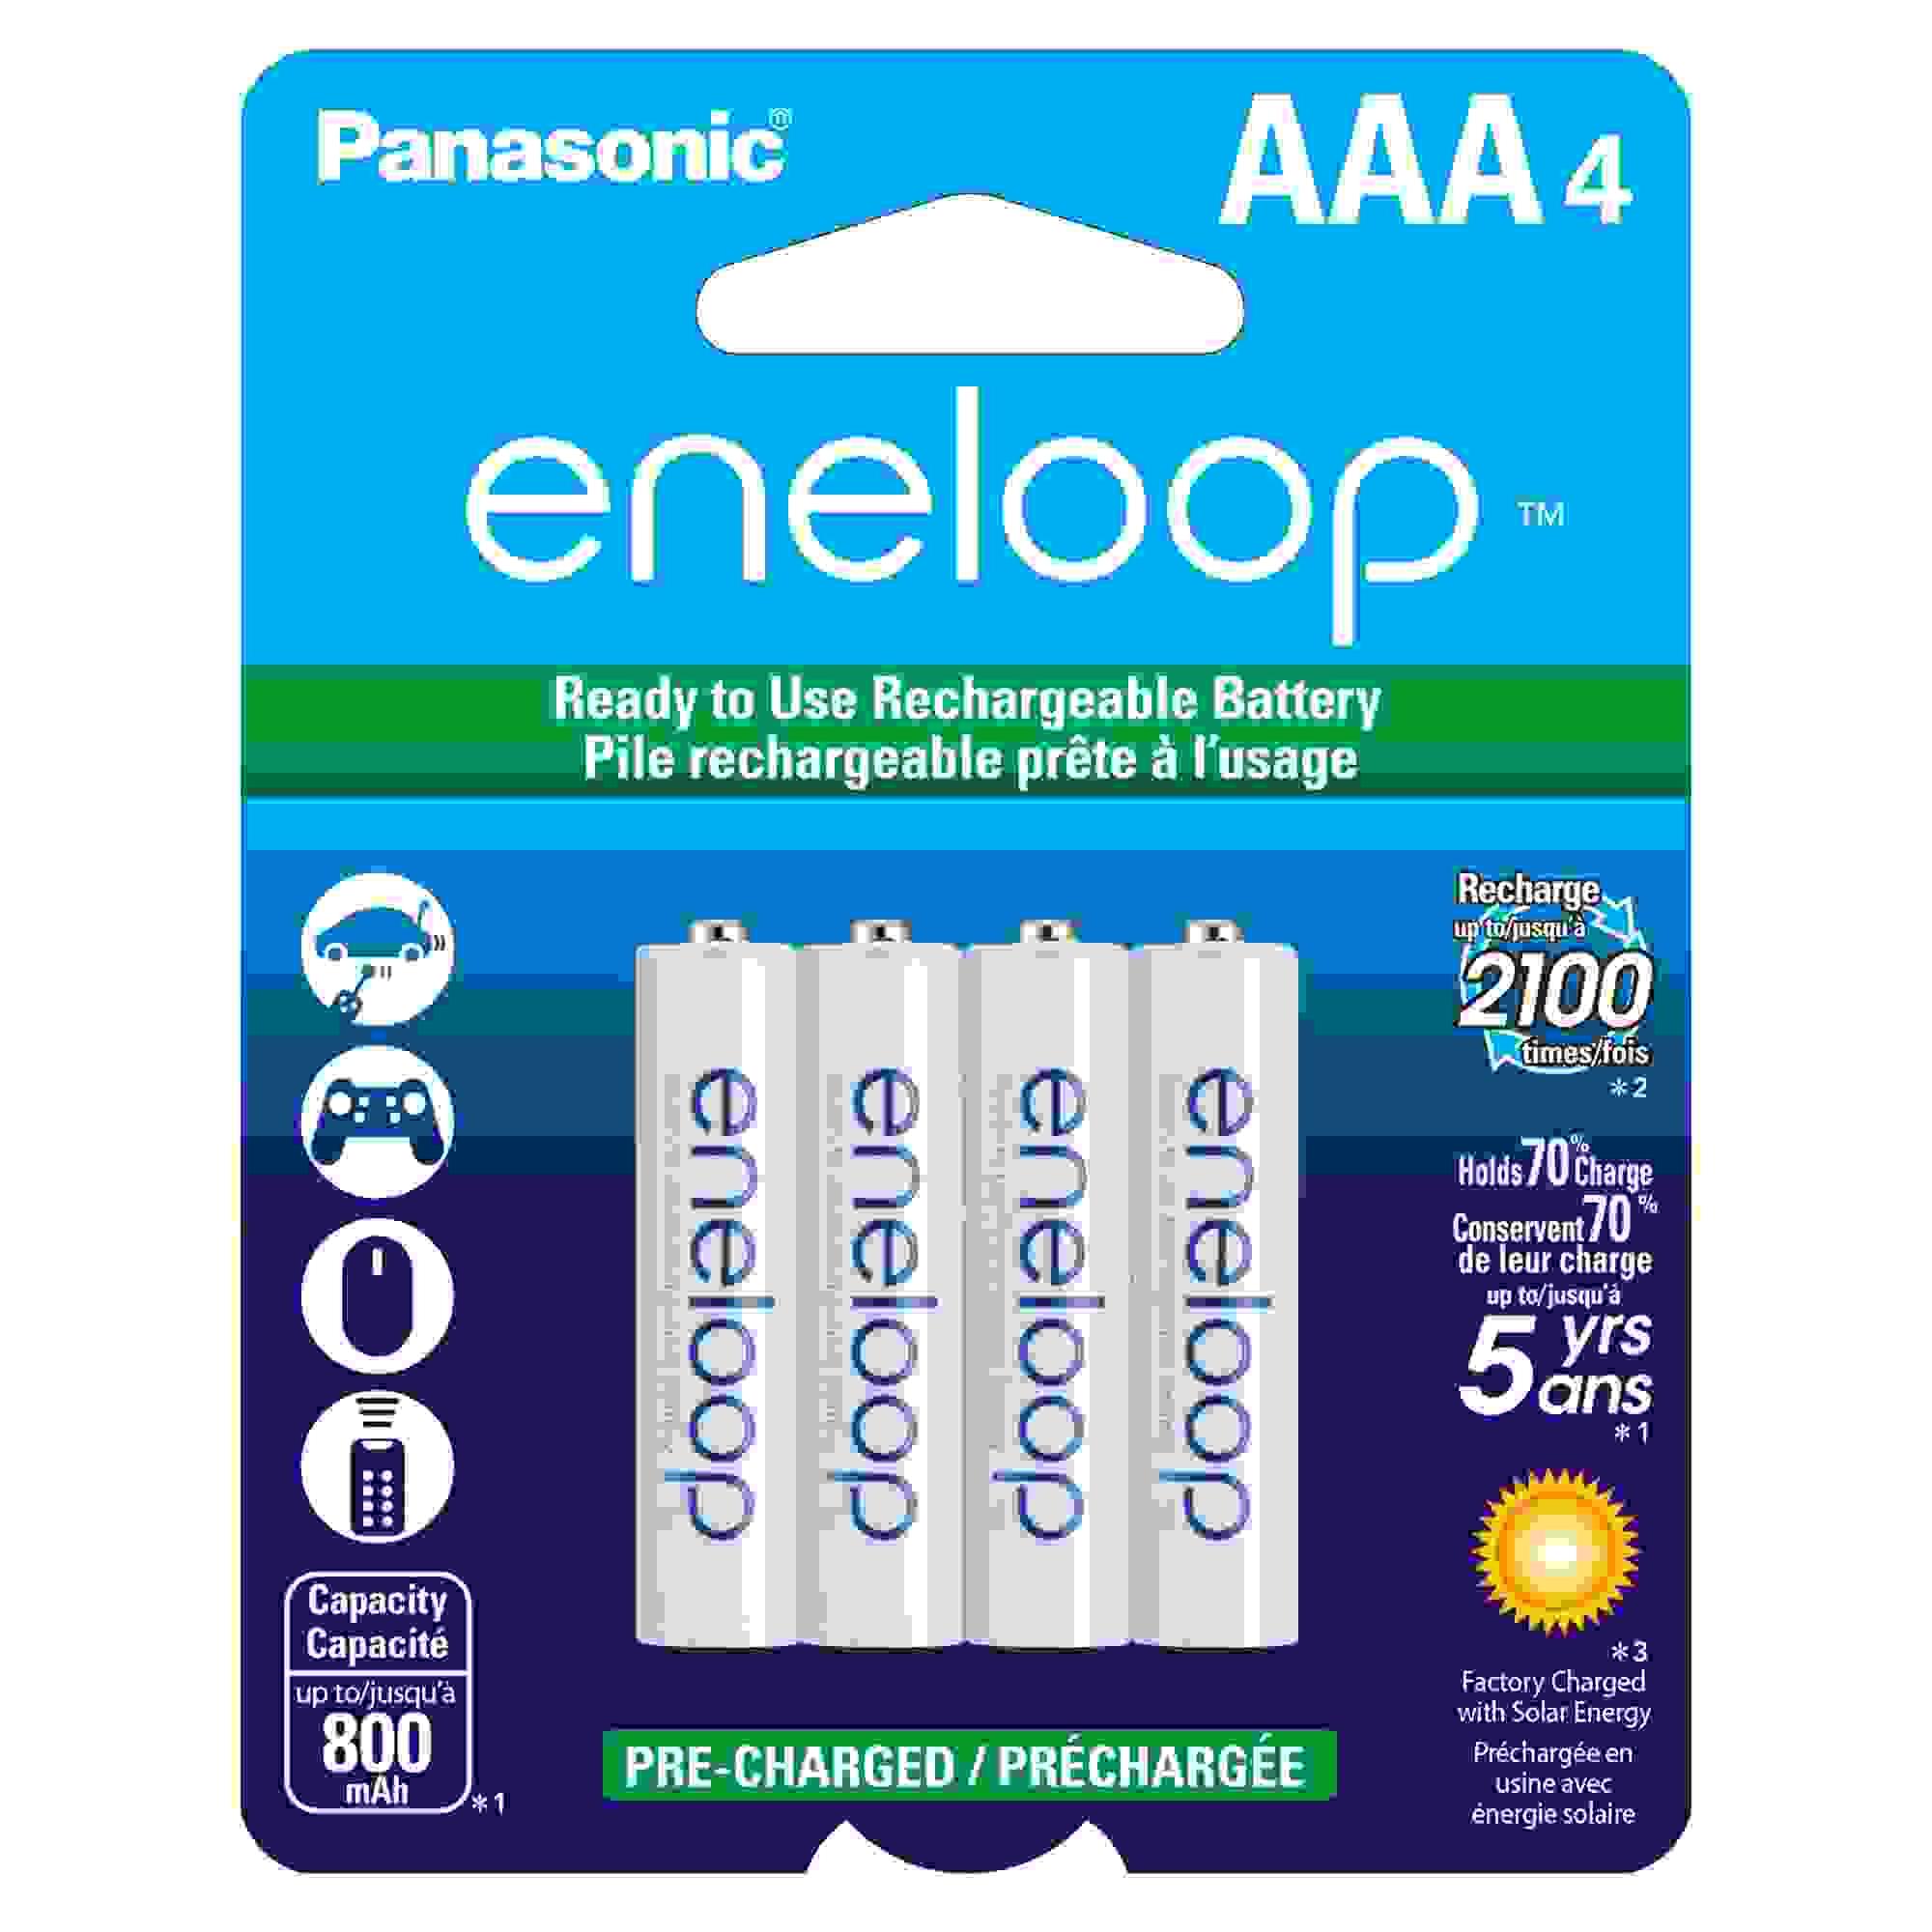 PANASONIC ENELOOP AAA 4-PK 800MAH 2100X